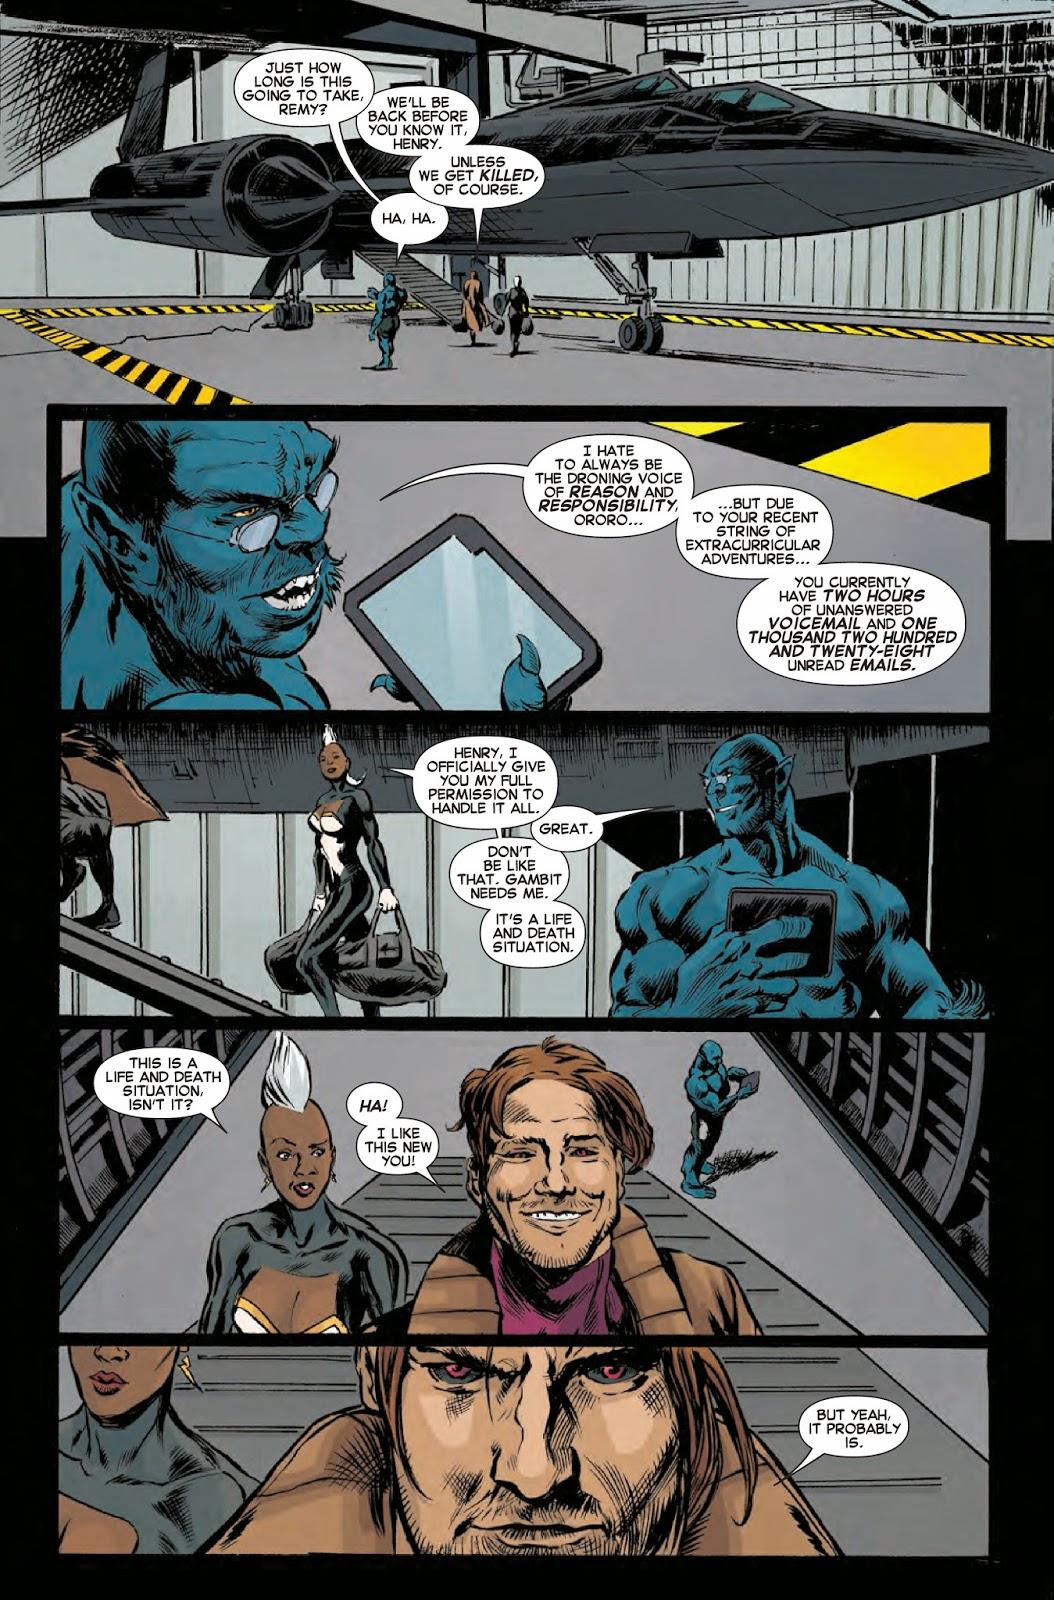 Storm follows Gambit on an X-Men adventure